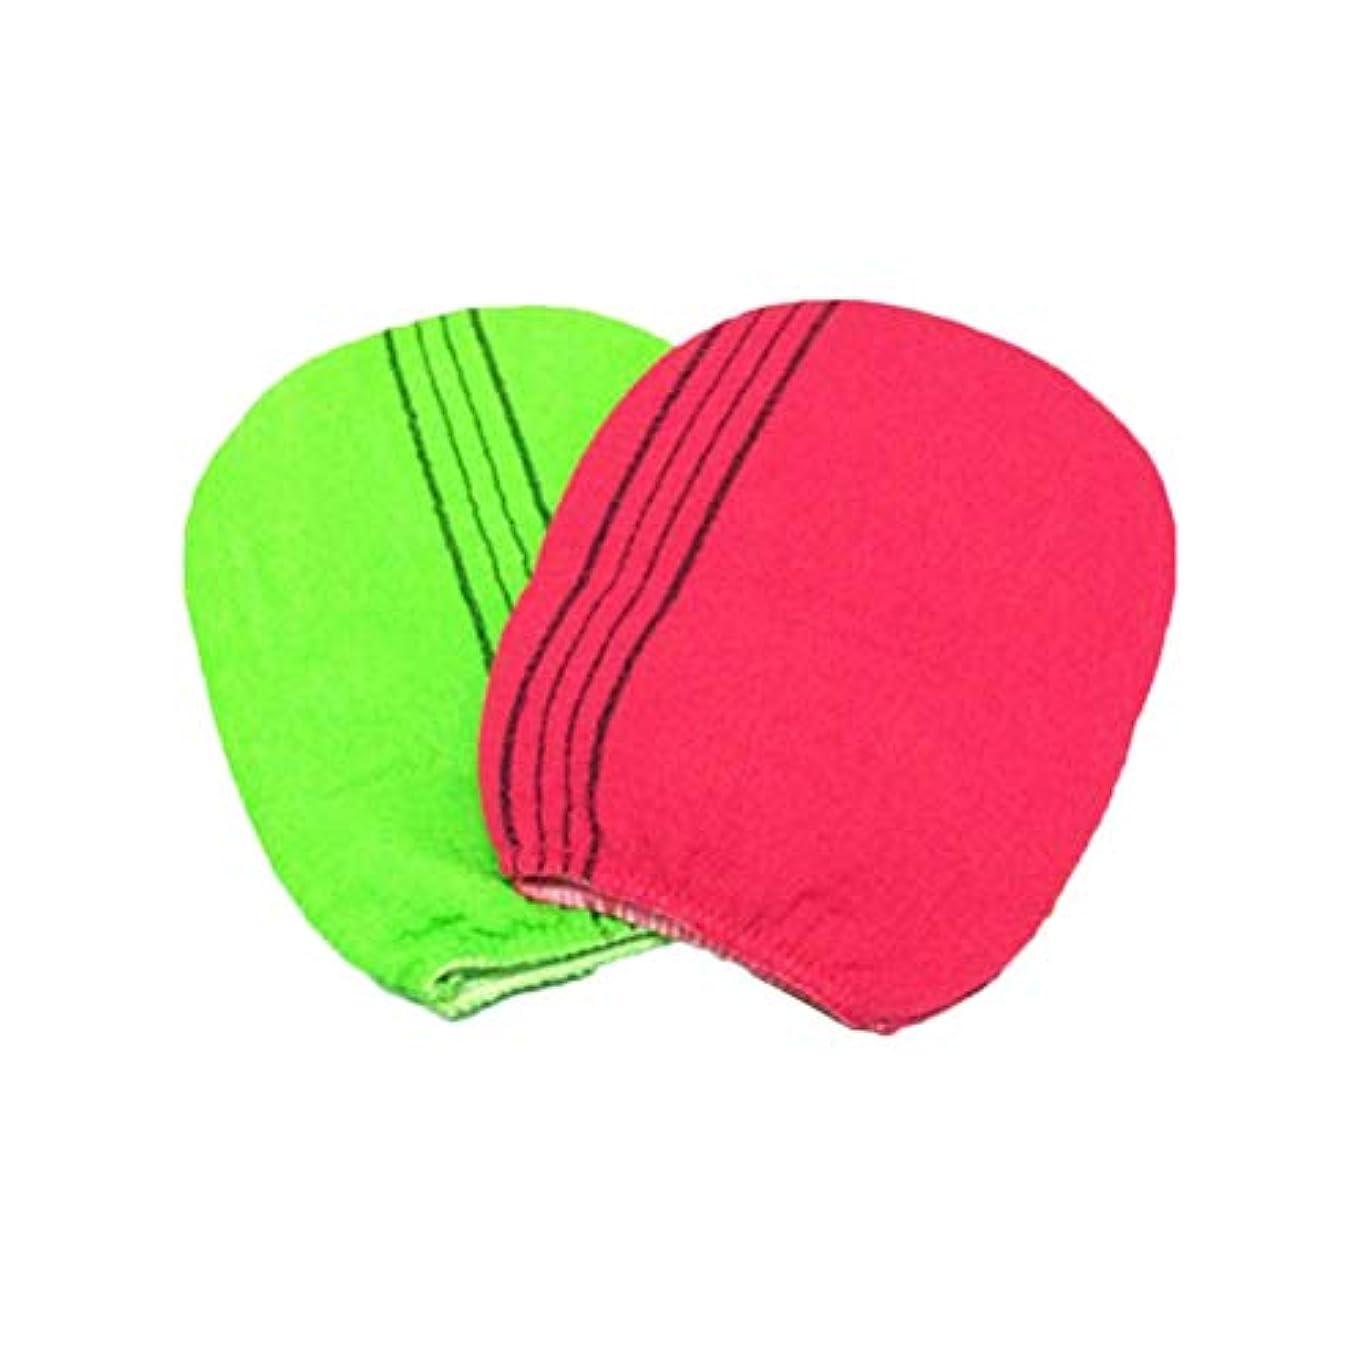 プライバシーパニックイチゴBeaupretty 2ピース入浴手袋風呂ミットラビング手袋剥離手袋シャワーバスタオル(ランダムカラー)